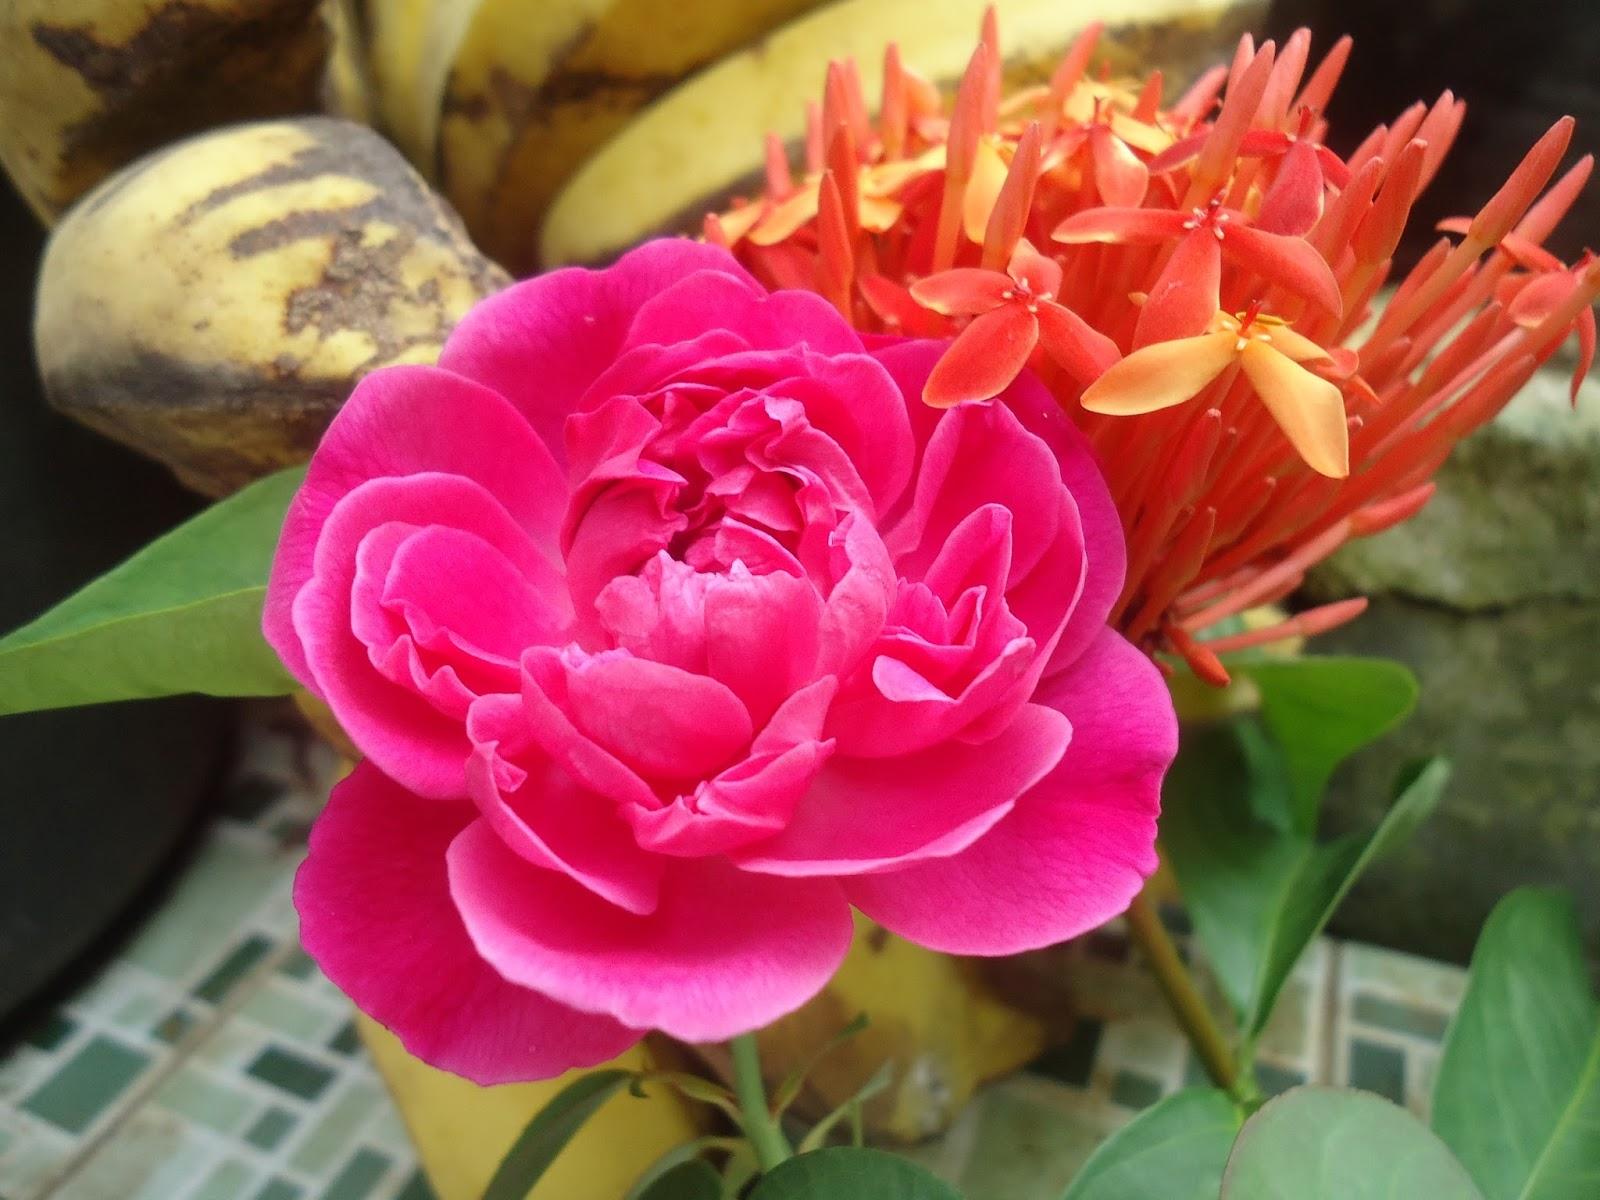 Wallpaper Bunga Mawar Merah Bercahaya Rumah Daun Muda